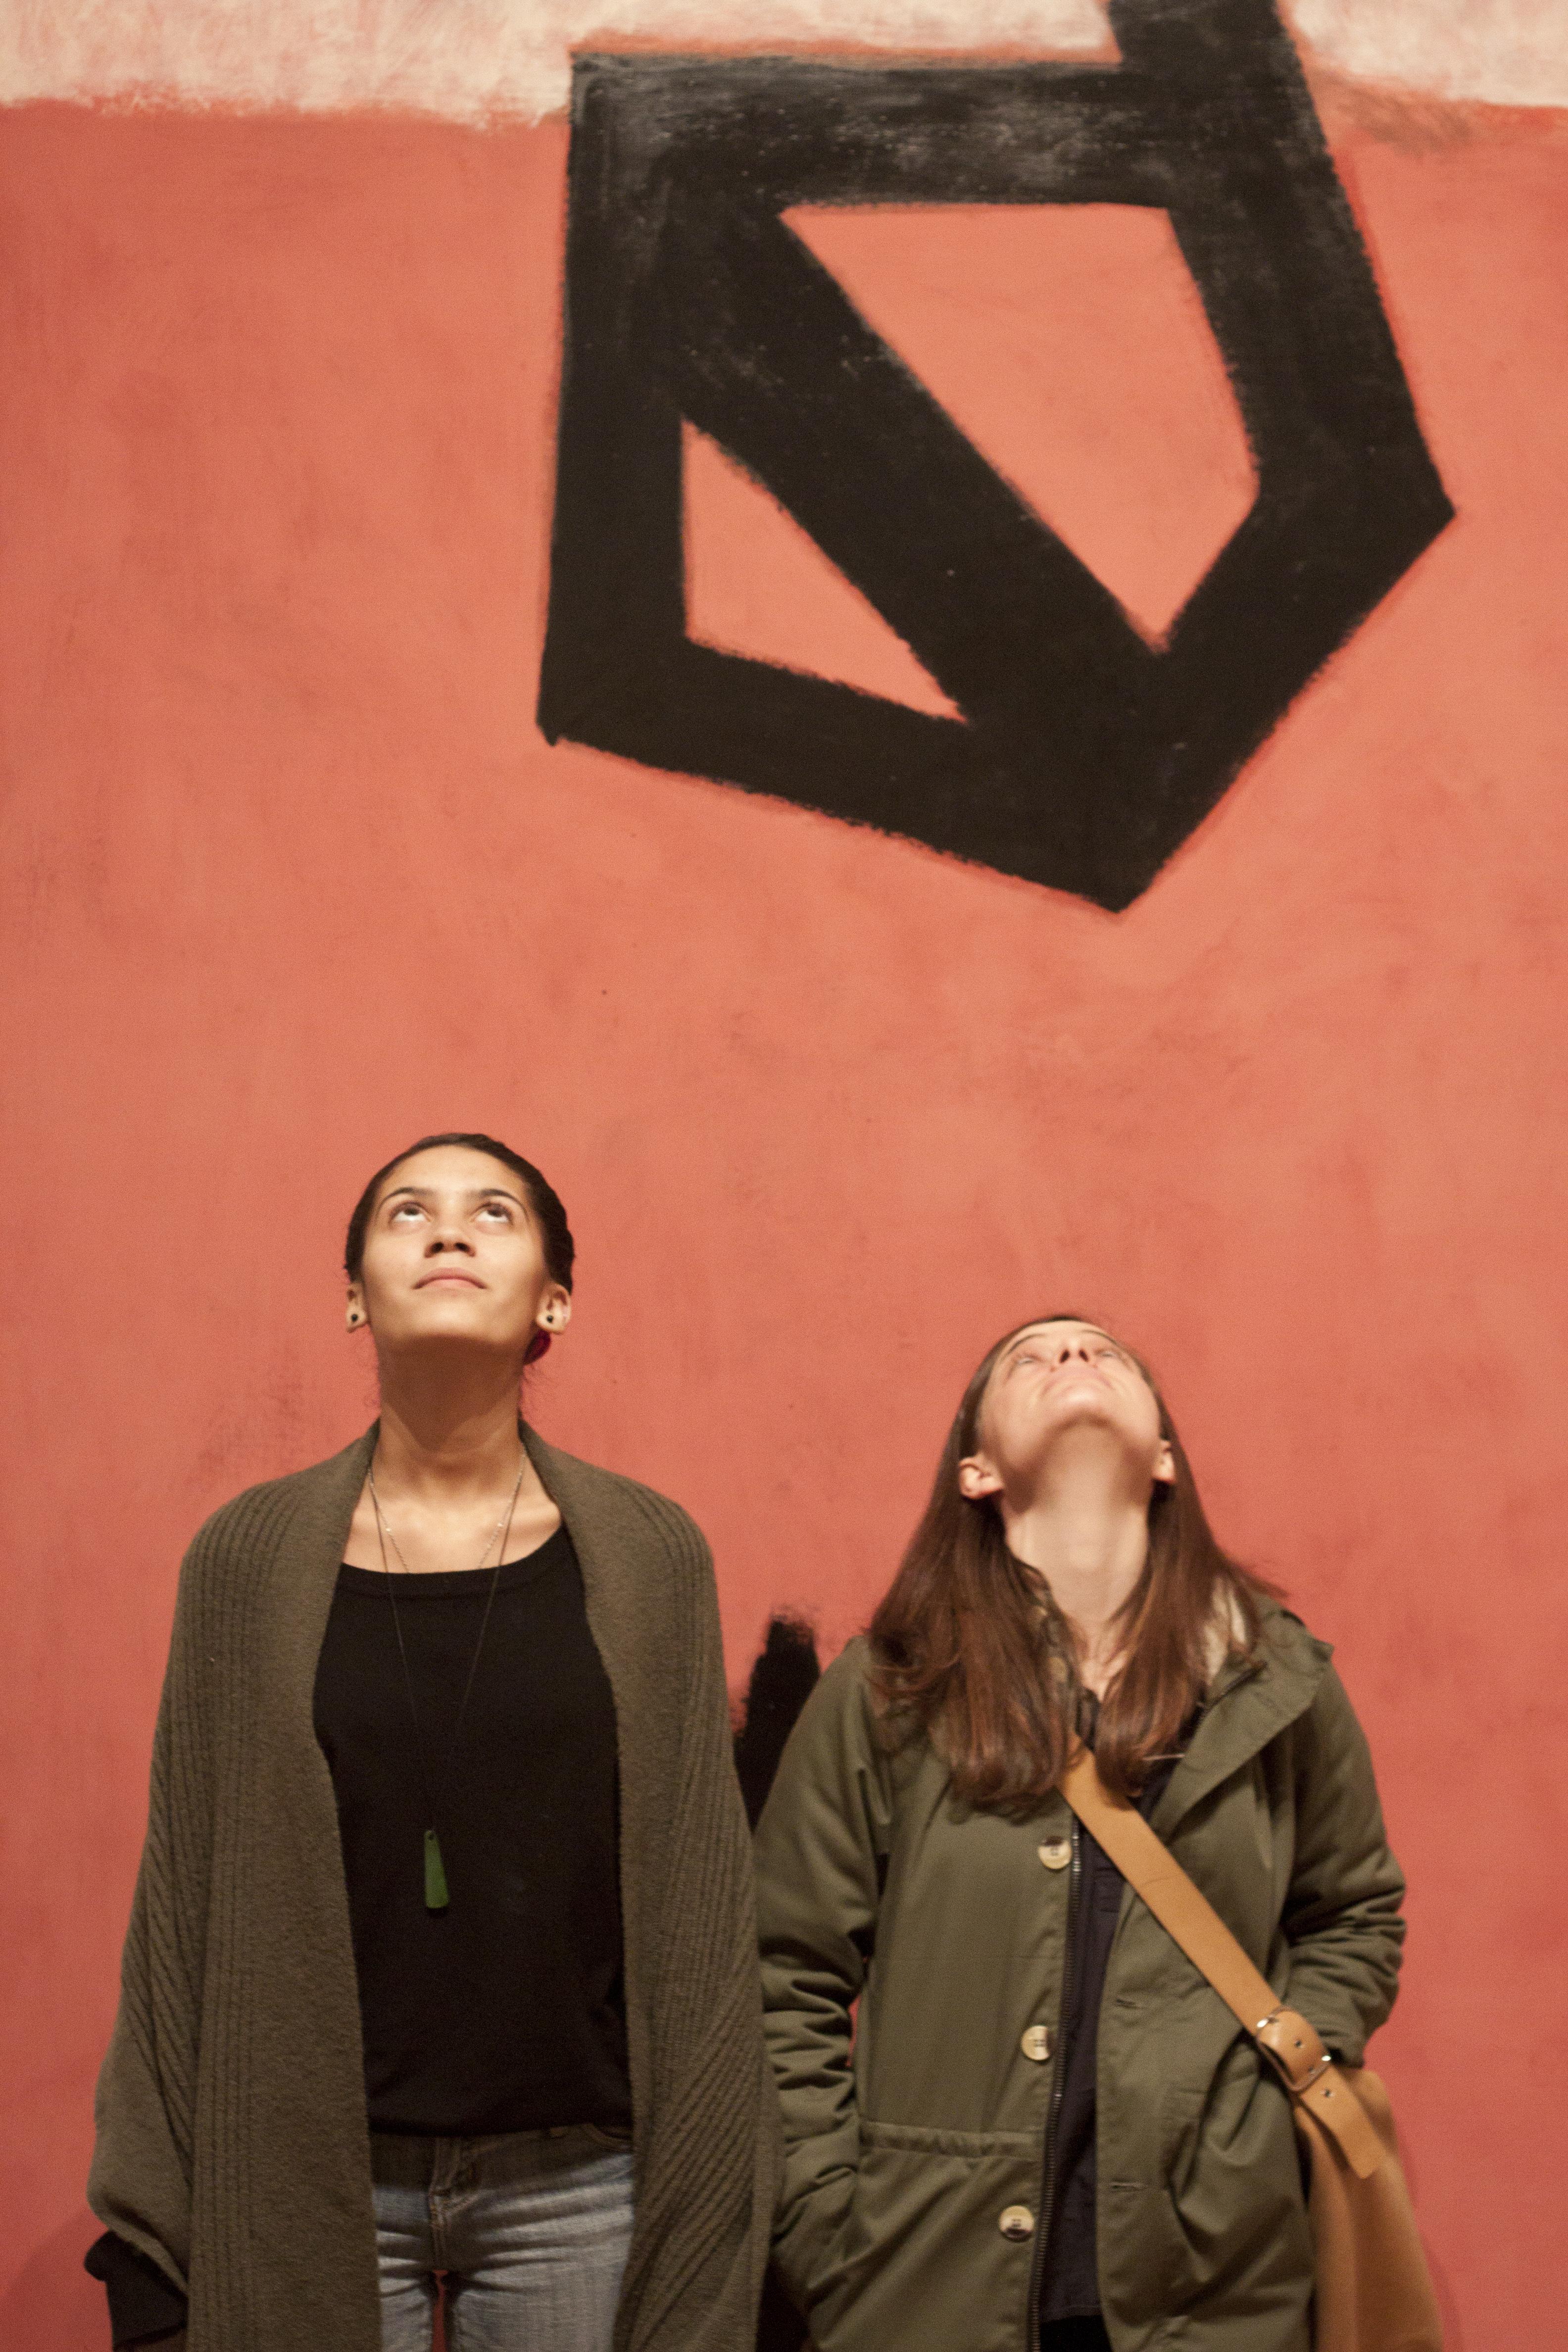 Students at MoMA